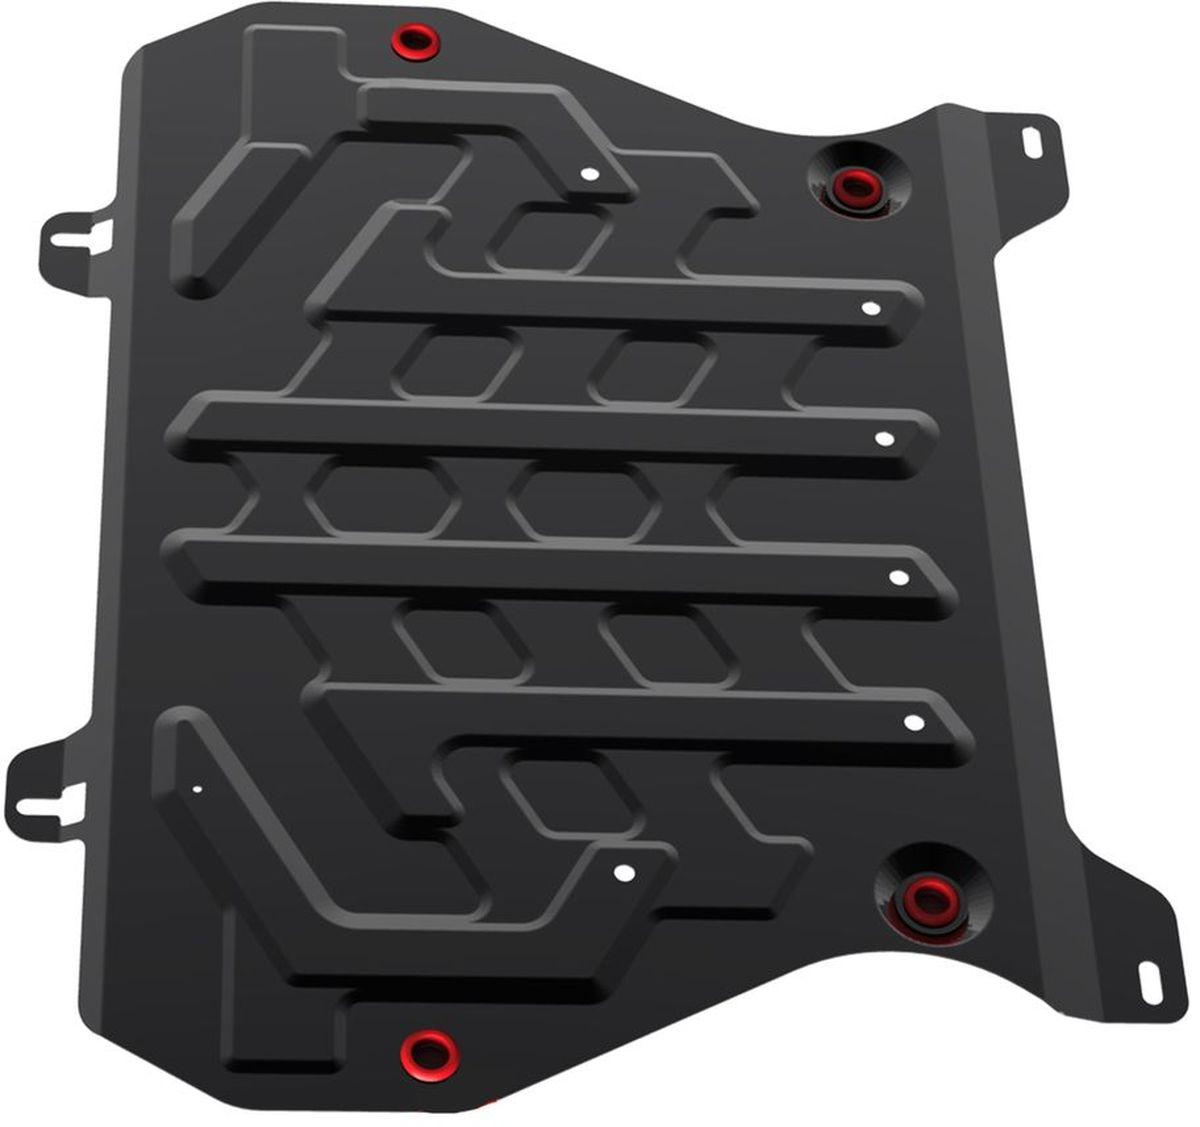 Защита картера и КПП Автоброня, для Nissan Juke. 111.04141.1111.04141.1Технологически совершенный продукт за невысокую стоимость. Защита разработана с учетом особенностей днища автомобиля, что позволяет сохранить дорожный просвет с минимальным изменением. Защита устанавливается в штатные места кузова автомобиля. Глубокий штамп обеспечивает до двух раз больше жесткости в сравнении с обычной защитой той же толщины. Проштампованные ребра жесткости препятствуют деформации защиты при ударах. Тепловой зазор и вентиляционные отверстия обеспечивают сохранение температурного режима двигателя в норме. Скрытый крепеж предотвращает срыв крепежных элементов при наезде на препятствие. Шумопоглощающие резиновые элементы обеспечивают комфортную езду без вибраций и скрежета металла, а съемные лючки для слива масла и замены фильтра - экономию средств и время. Конструкция изделия не влияет на пассивную безопасность автомобиля (при ударе защита не воздействует на деформационные зоны кузова). Со штатным крепежом. В комплекте инструкция по...